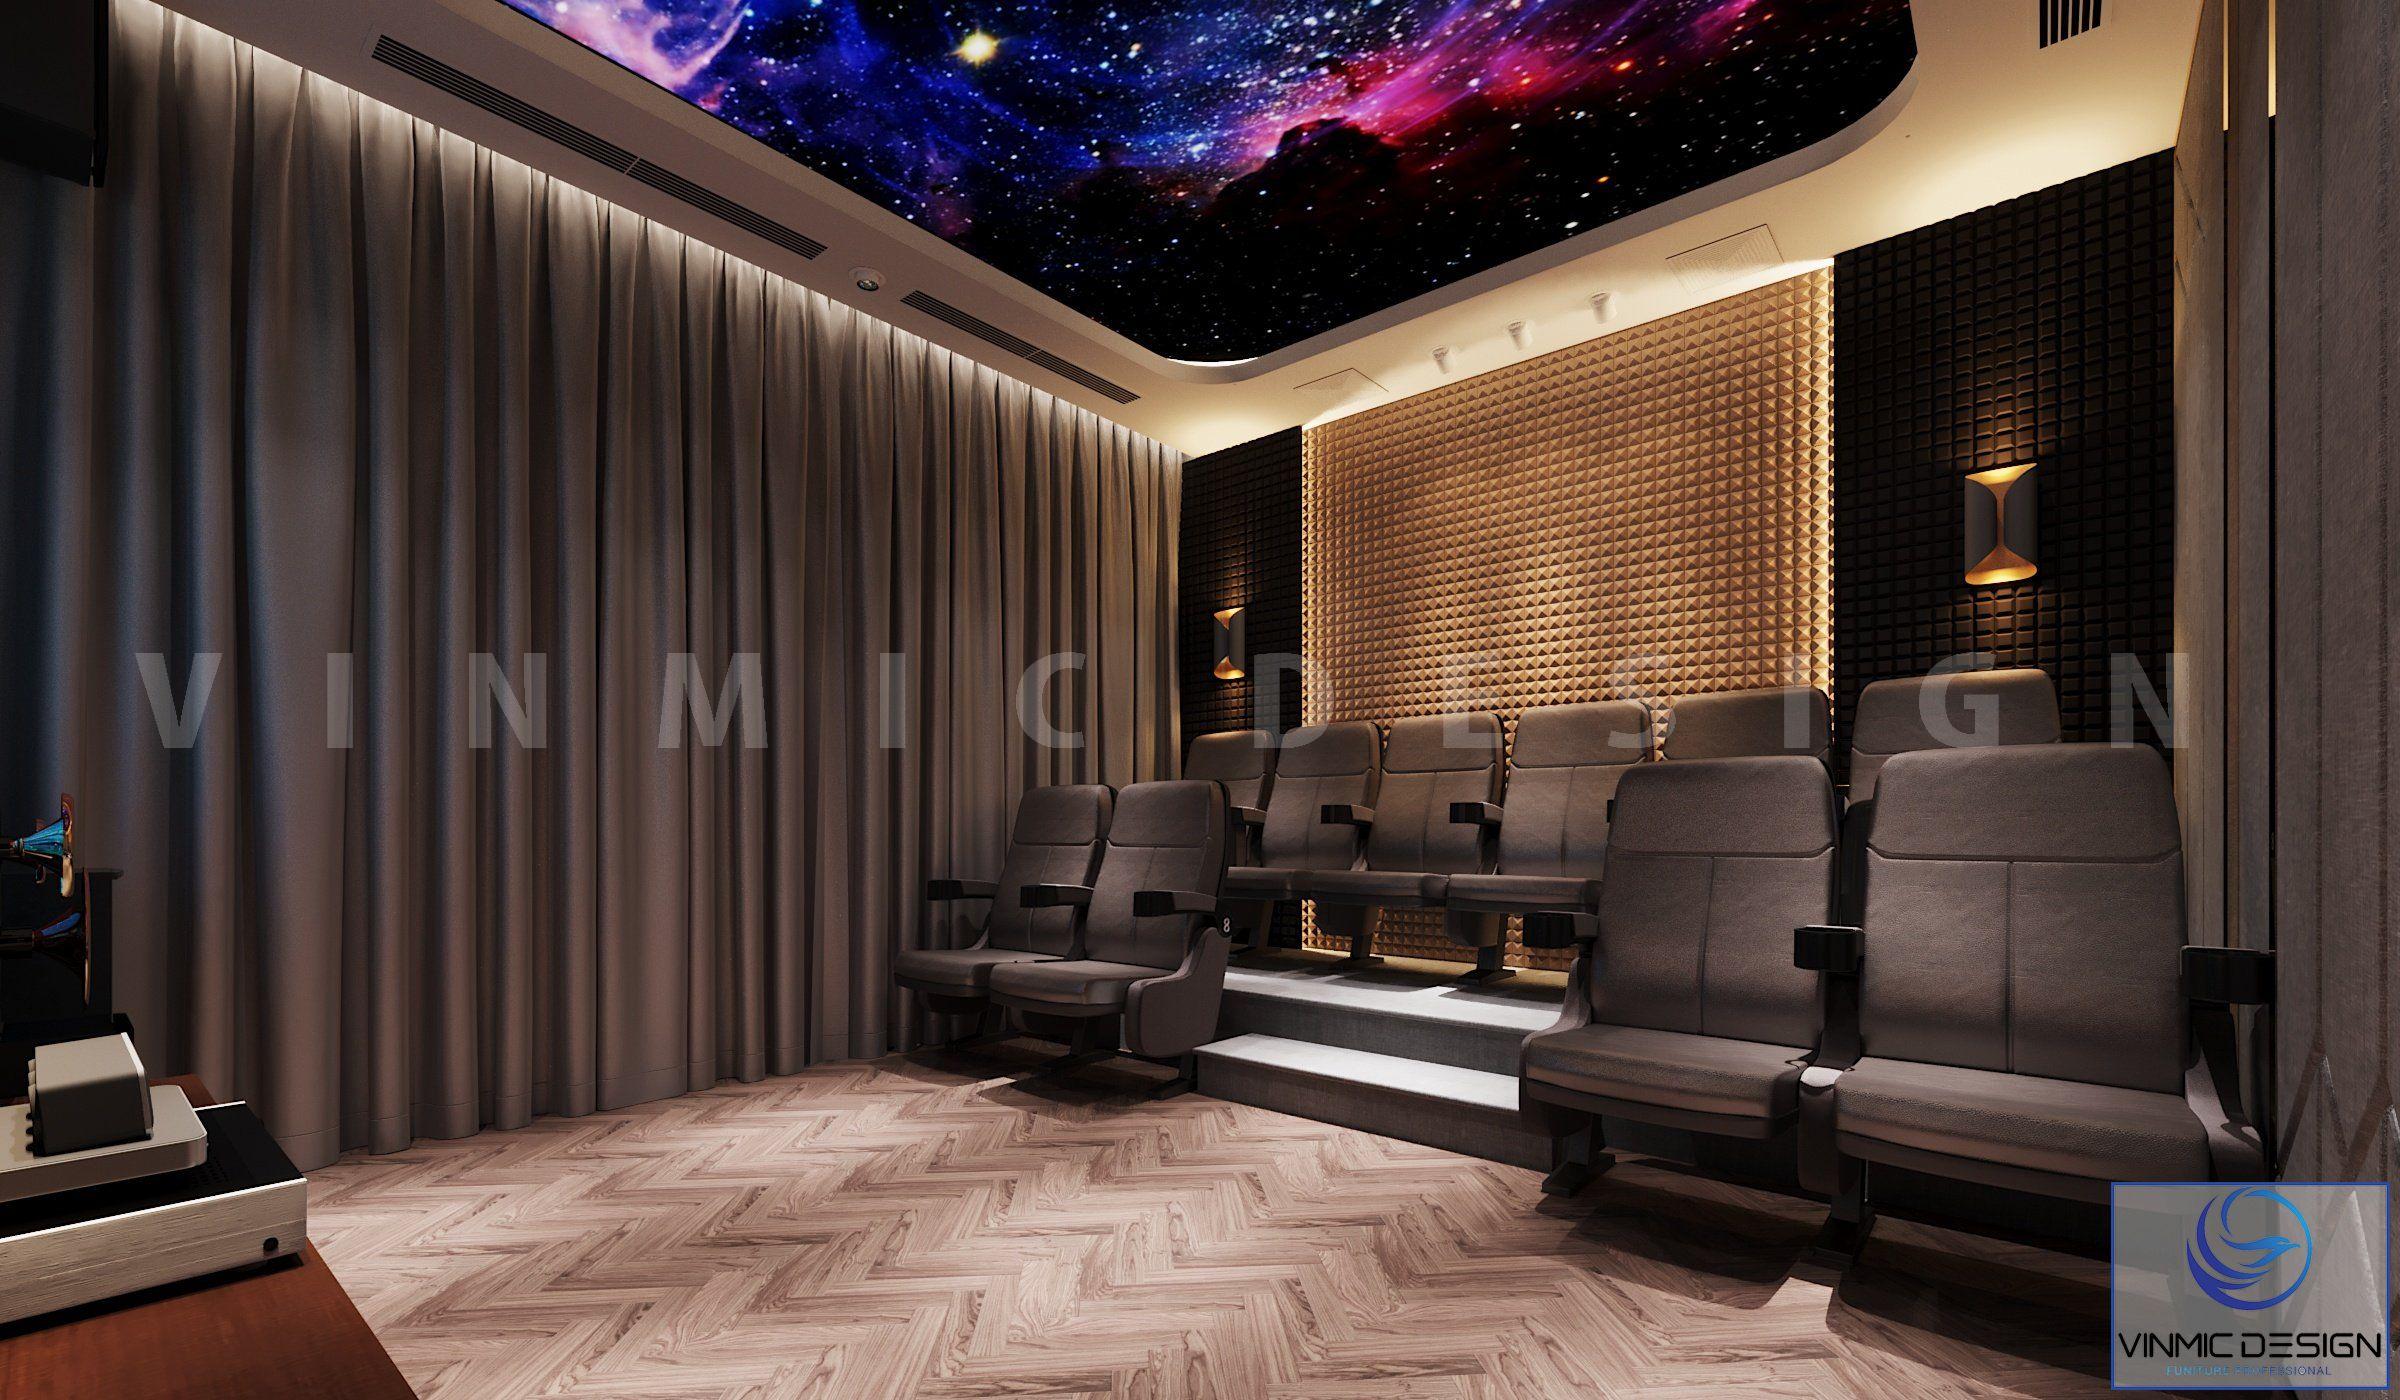 Thiết kế nội thất phòng chiếu phim ấn tượng tại biệt thự Vinhomes Imperia Hải Phòng